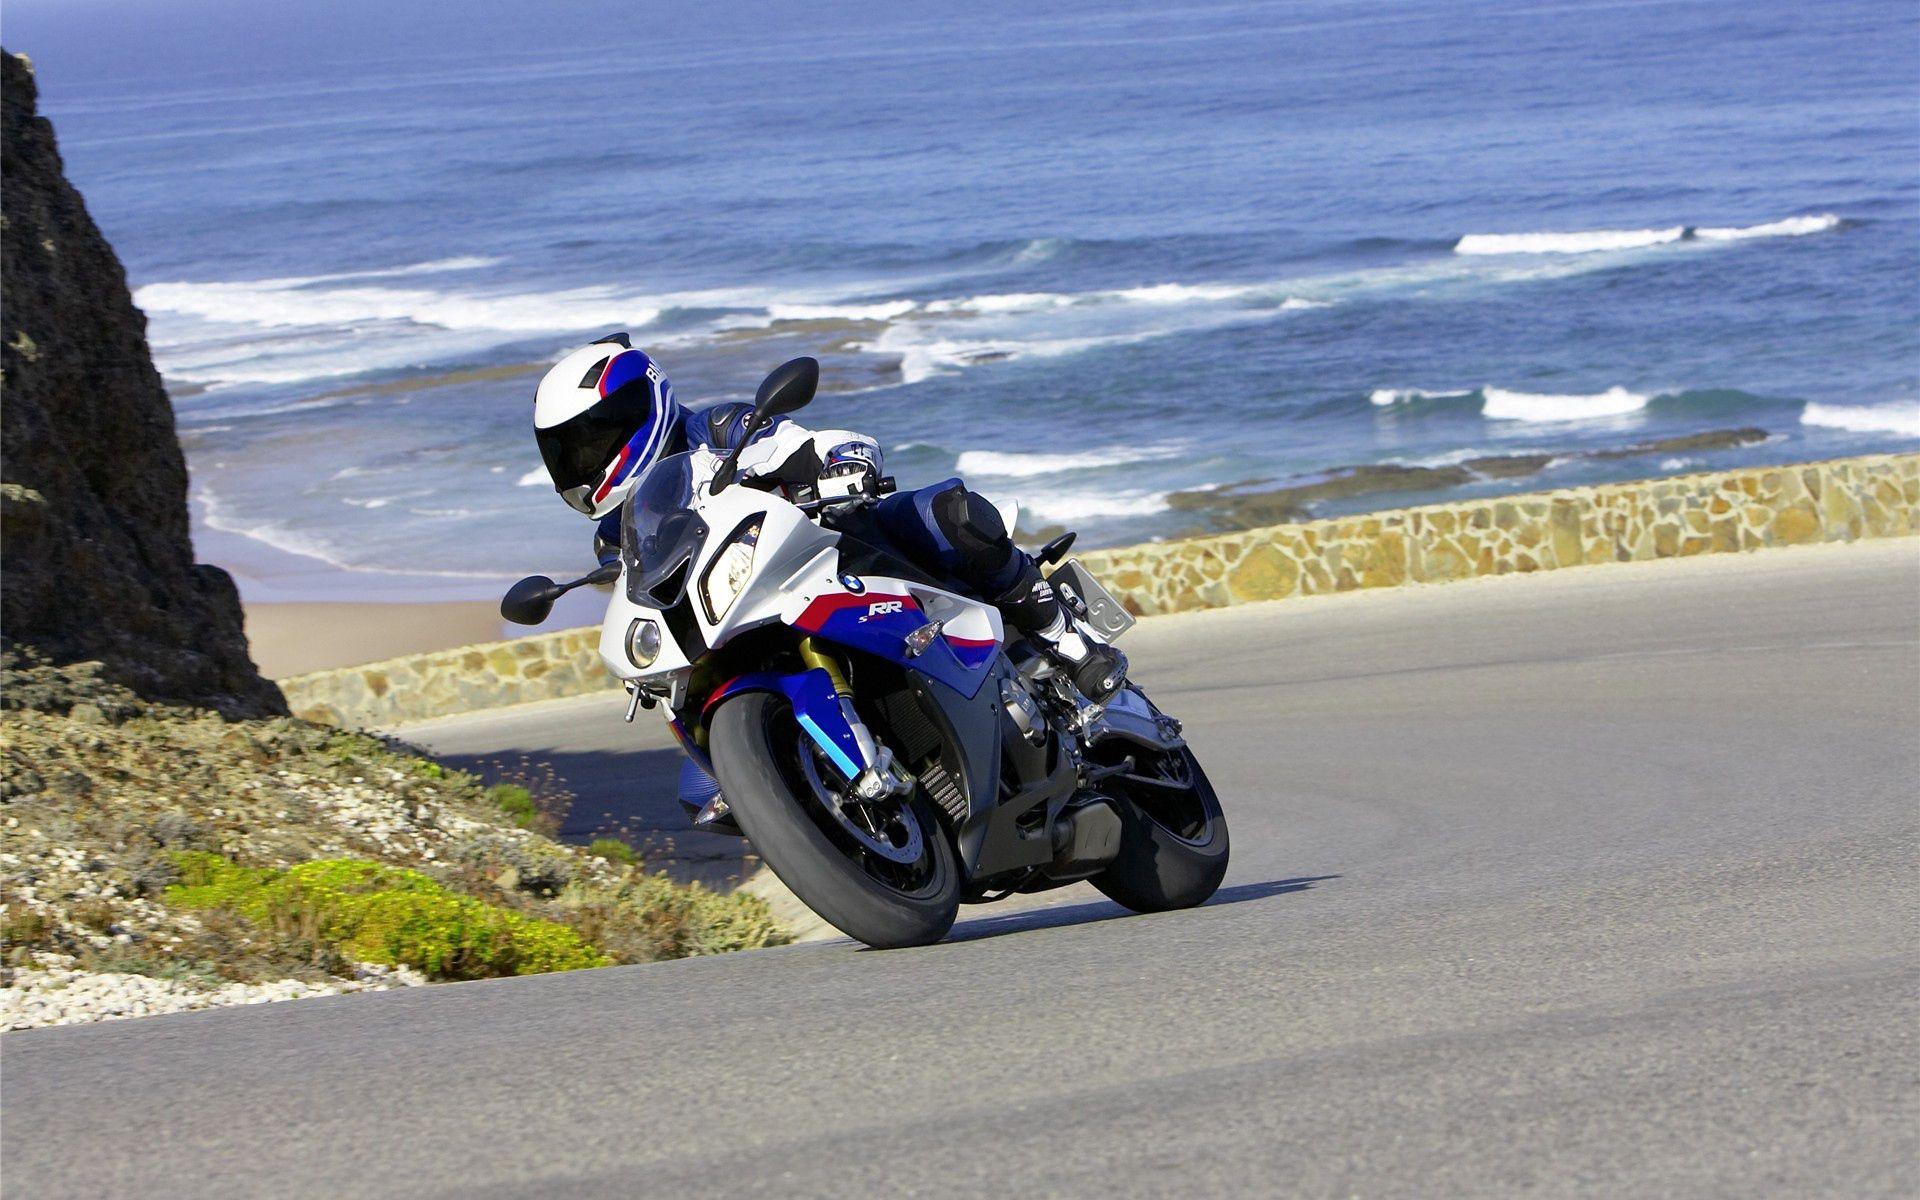 129283 Заставки и Обои Мотоциклы на телефон. Скачать Бмв (Bmw), Мотоциклы, Поворот, Скорость, Мотоцикл, Bmw S1000Rr картинки бесплатно